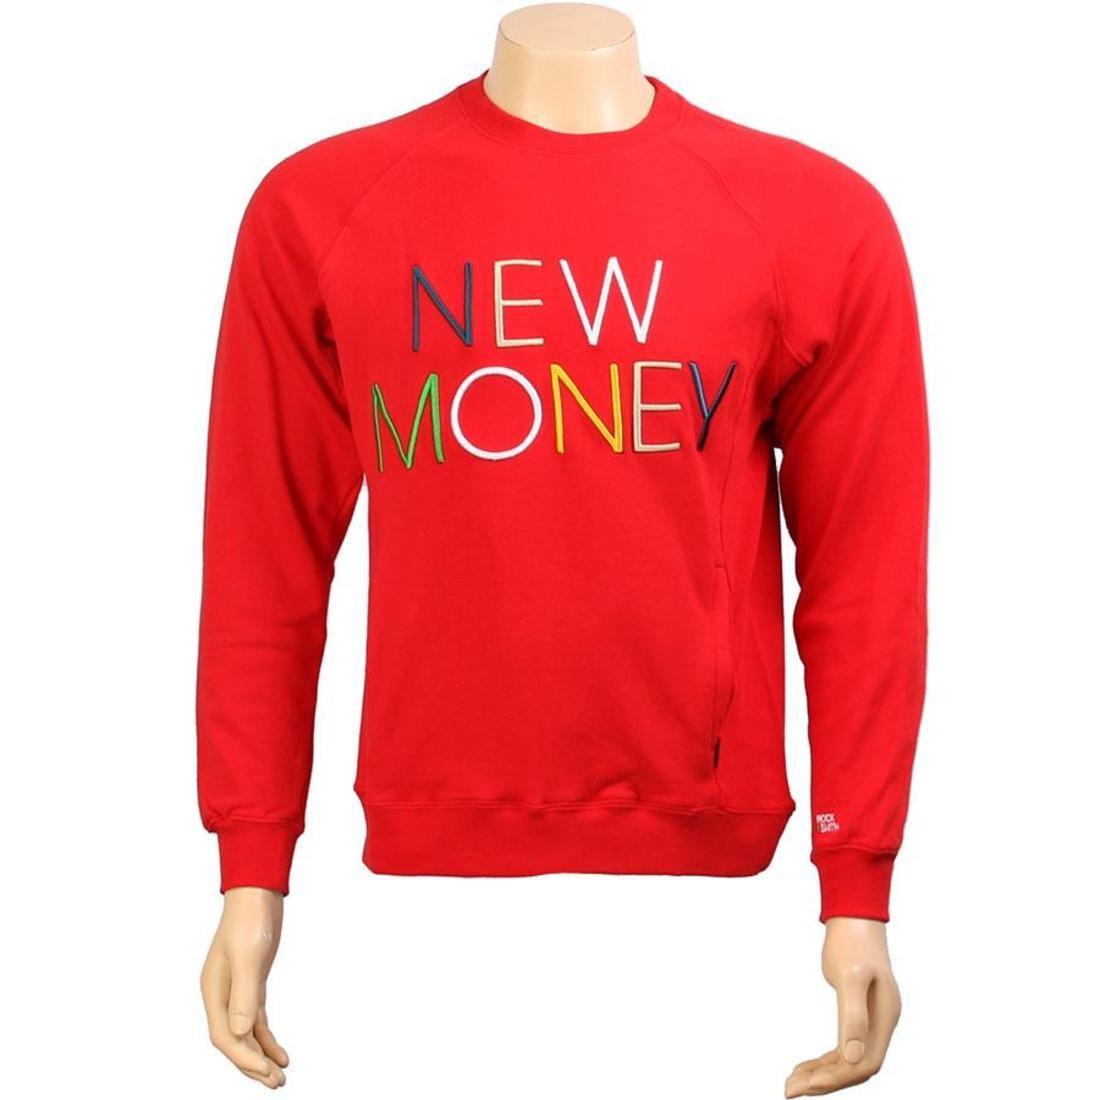 【海外限定】トップス Tシャツ【 ROCK SMITH SWEATER NEW ROCK MONEY Tシャツ SWEATER RED】, 子供靴&インポートウェアFabrica:b10ab38e --- sunward.msk.ru